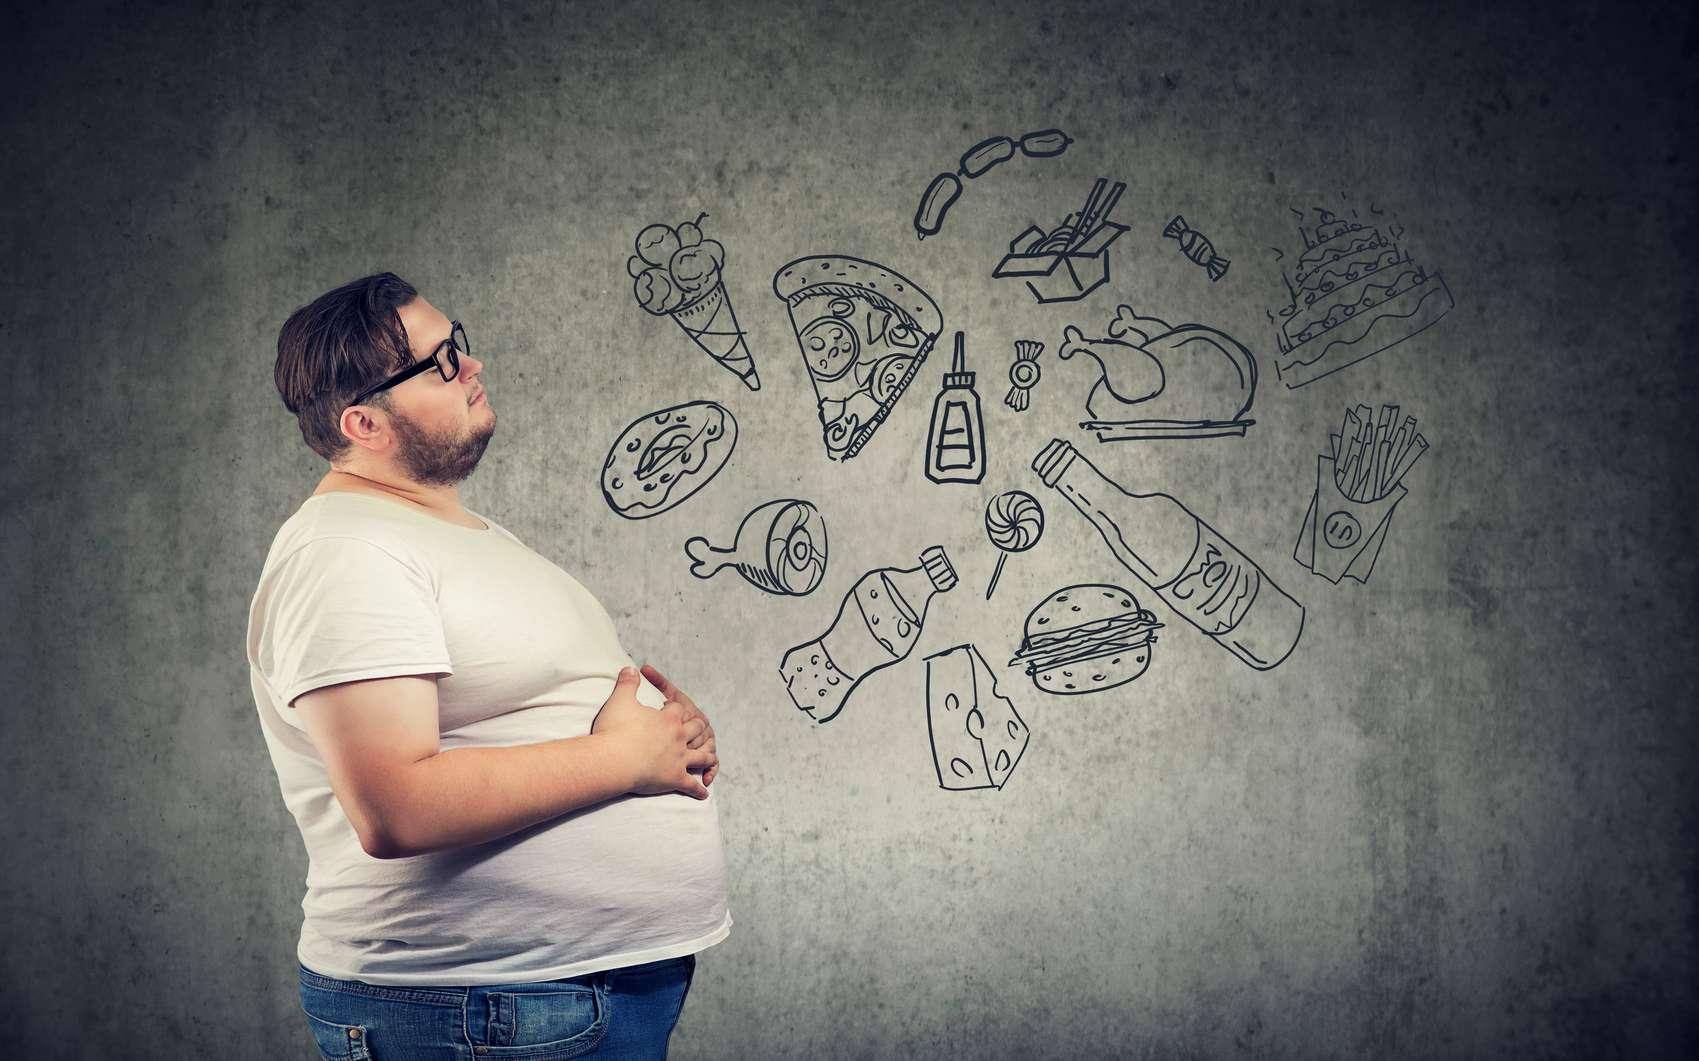 140 millions de tonnes de nourriture sont consommées chaque année en excès. © Pathdoc, Fotolia